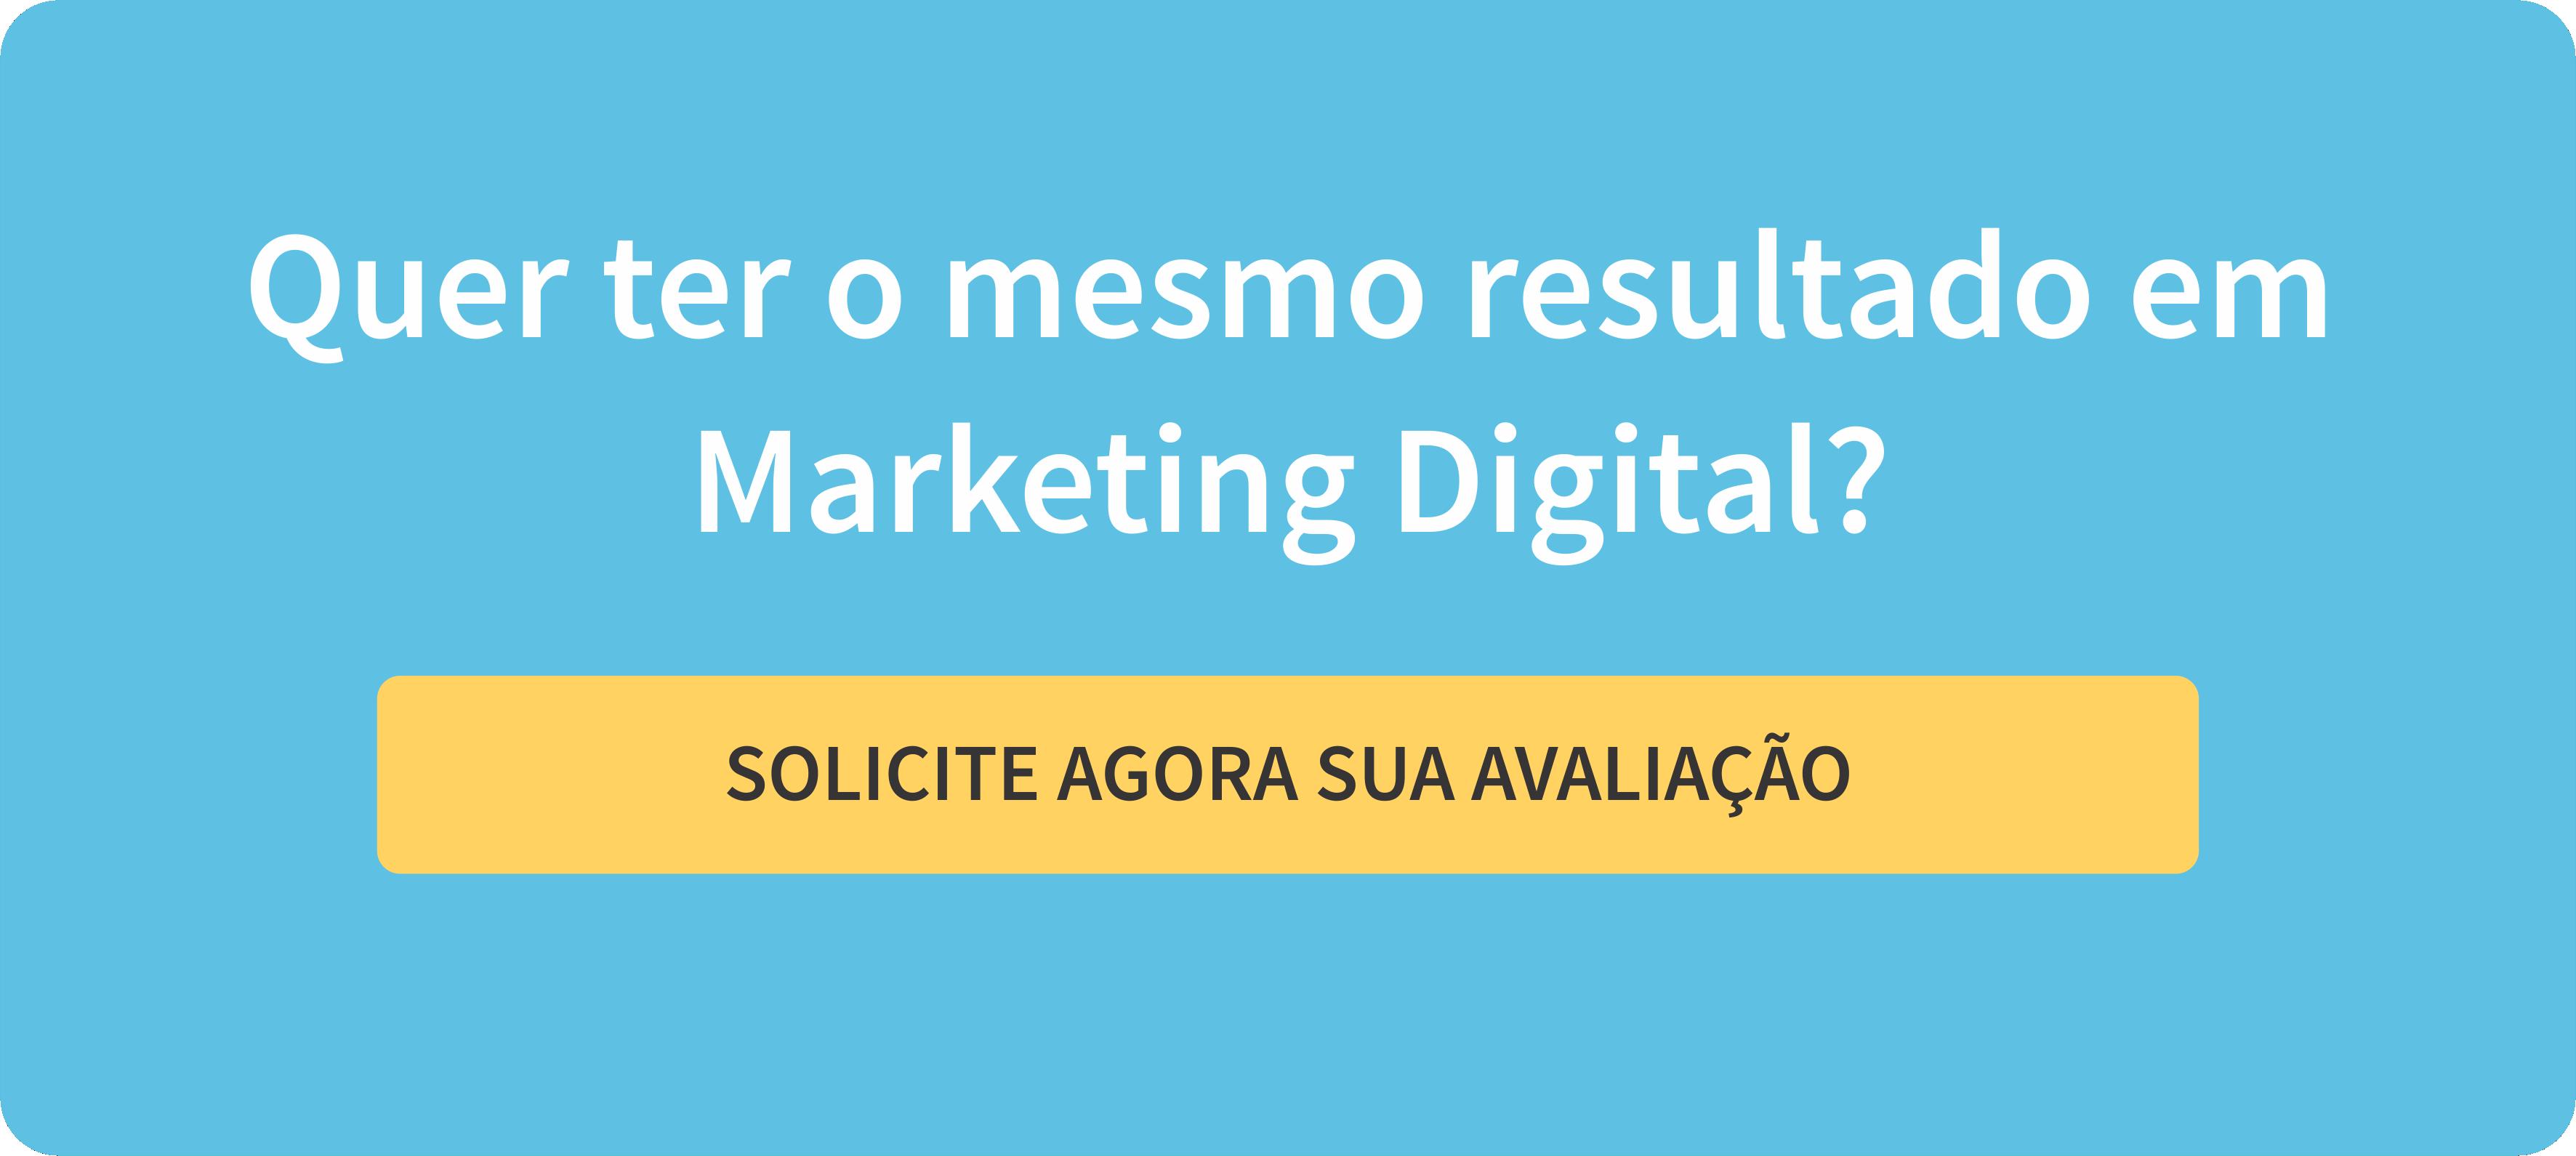 WSRFEWT 1024x460 - Como conseguimos mais de 2 mil oportunidades de negócio com marketing digital em Ubá e região